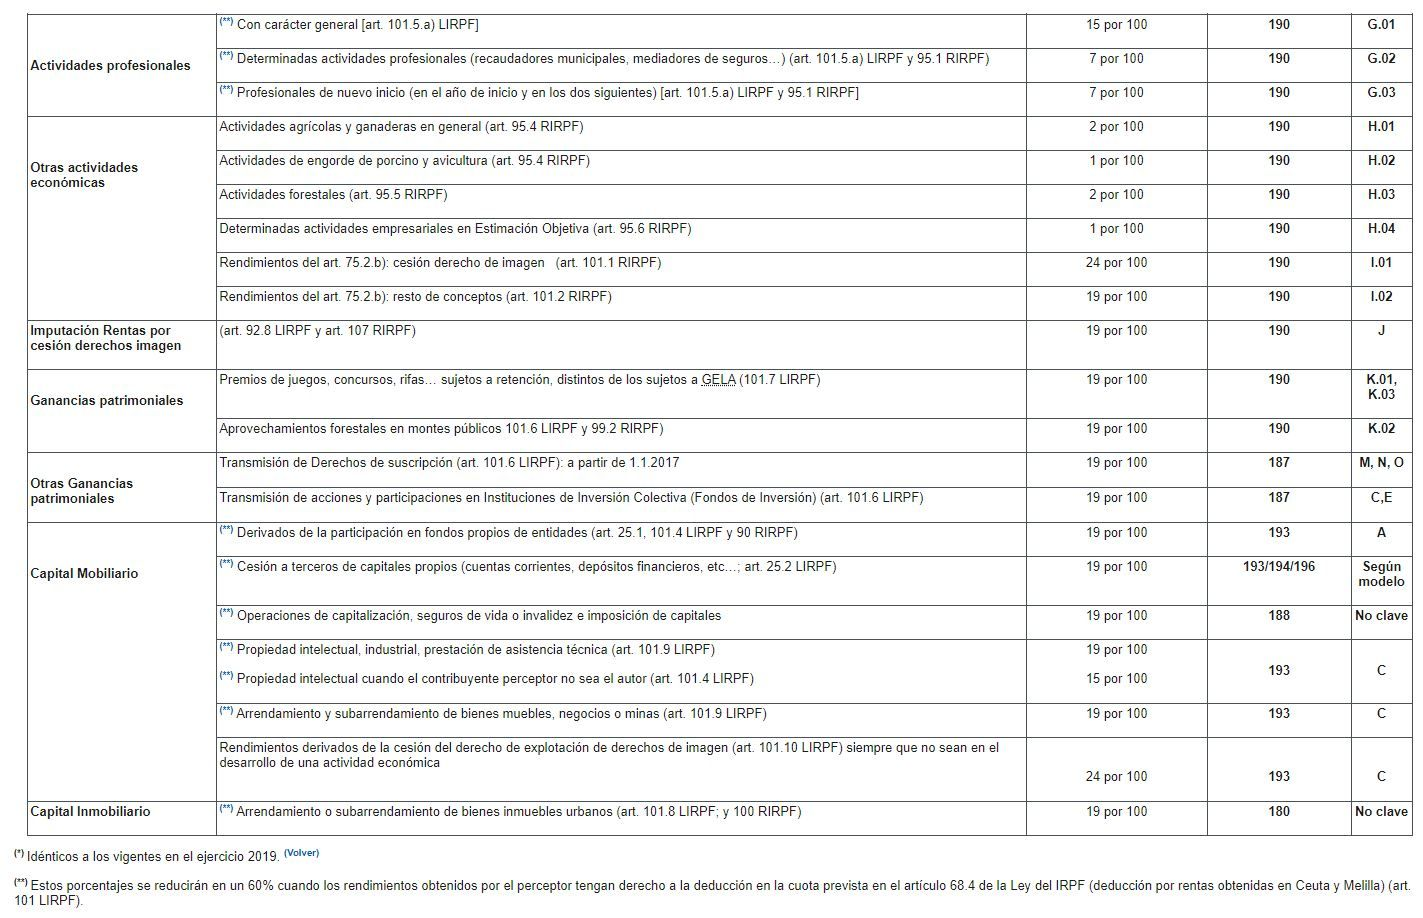 tablas de retención irpf en actividades profesionales y otras actividades